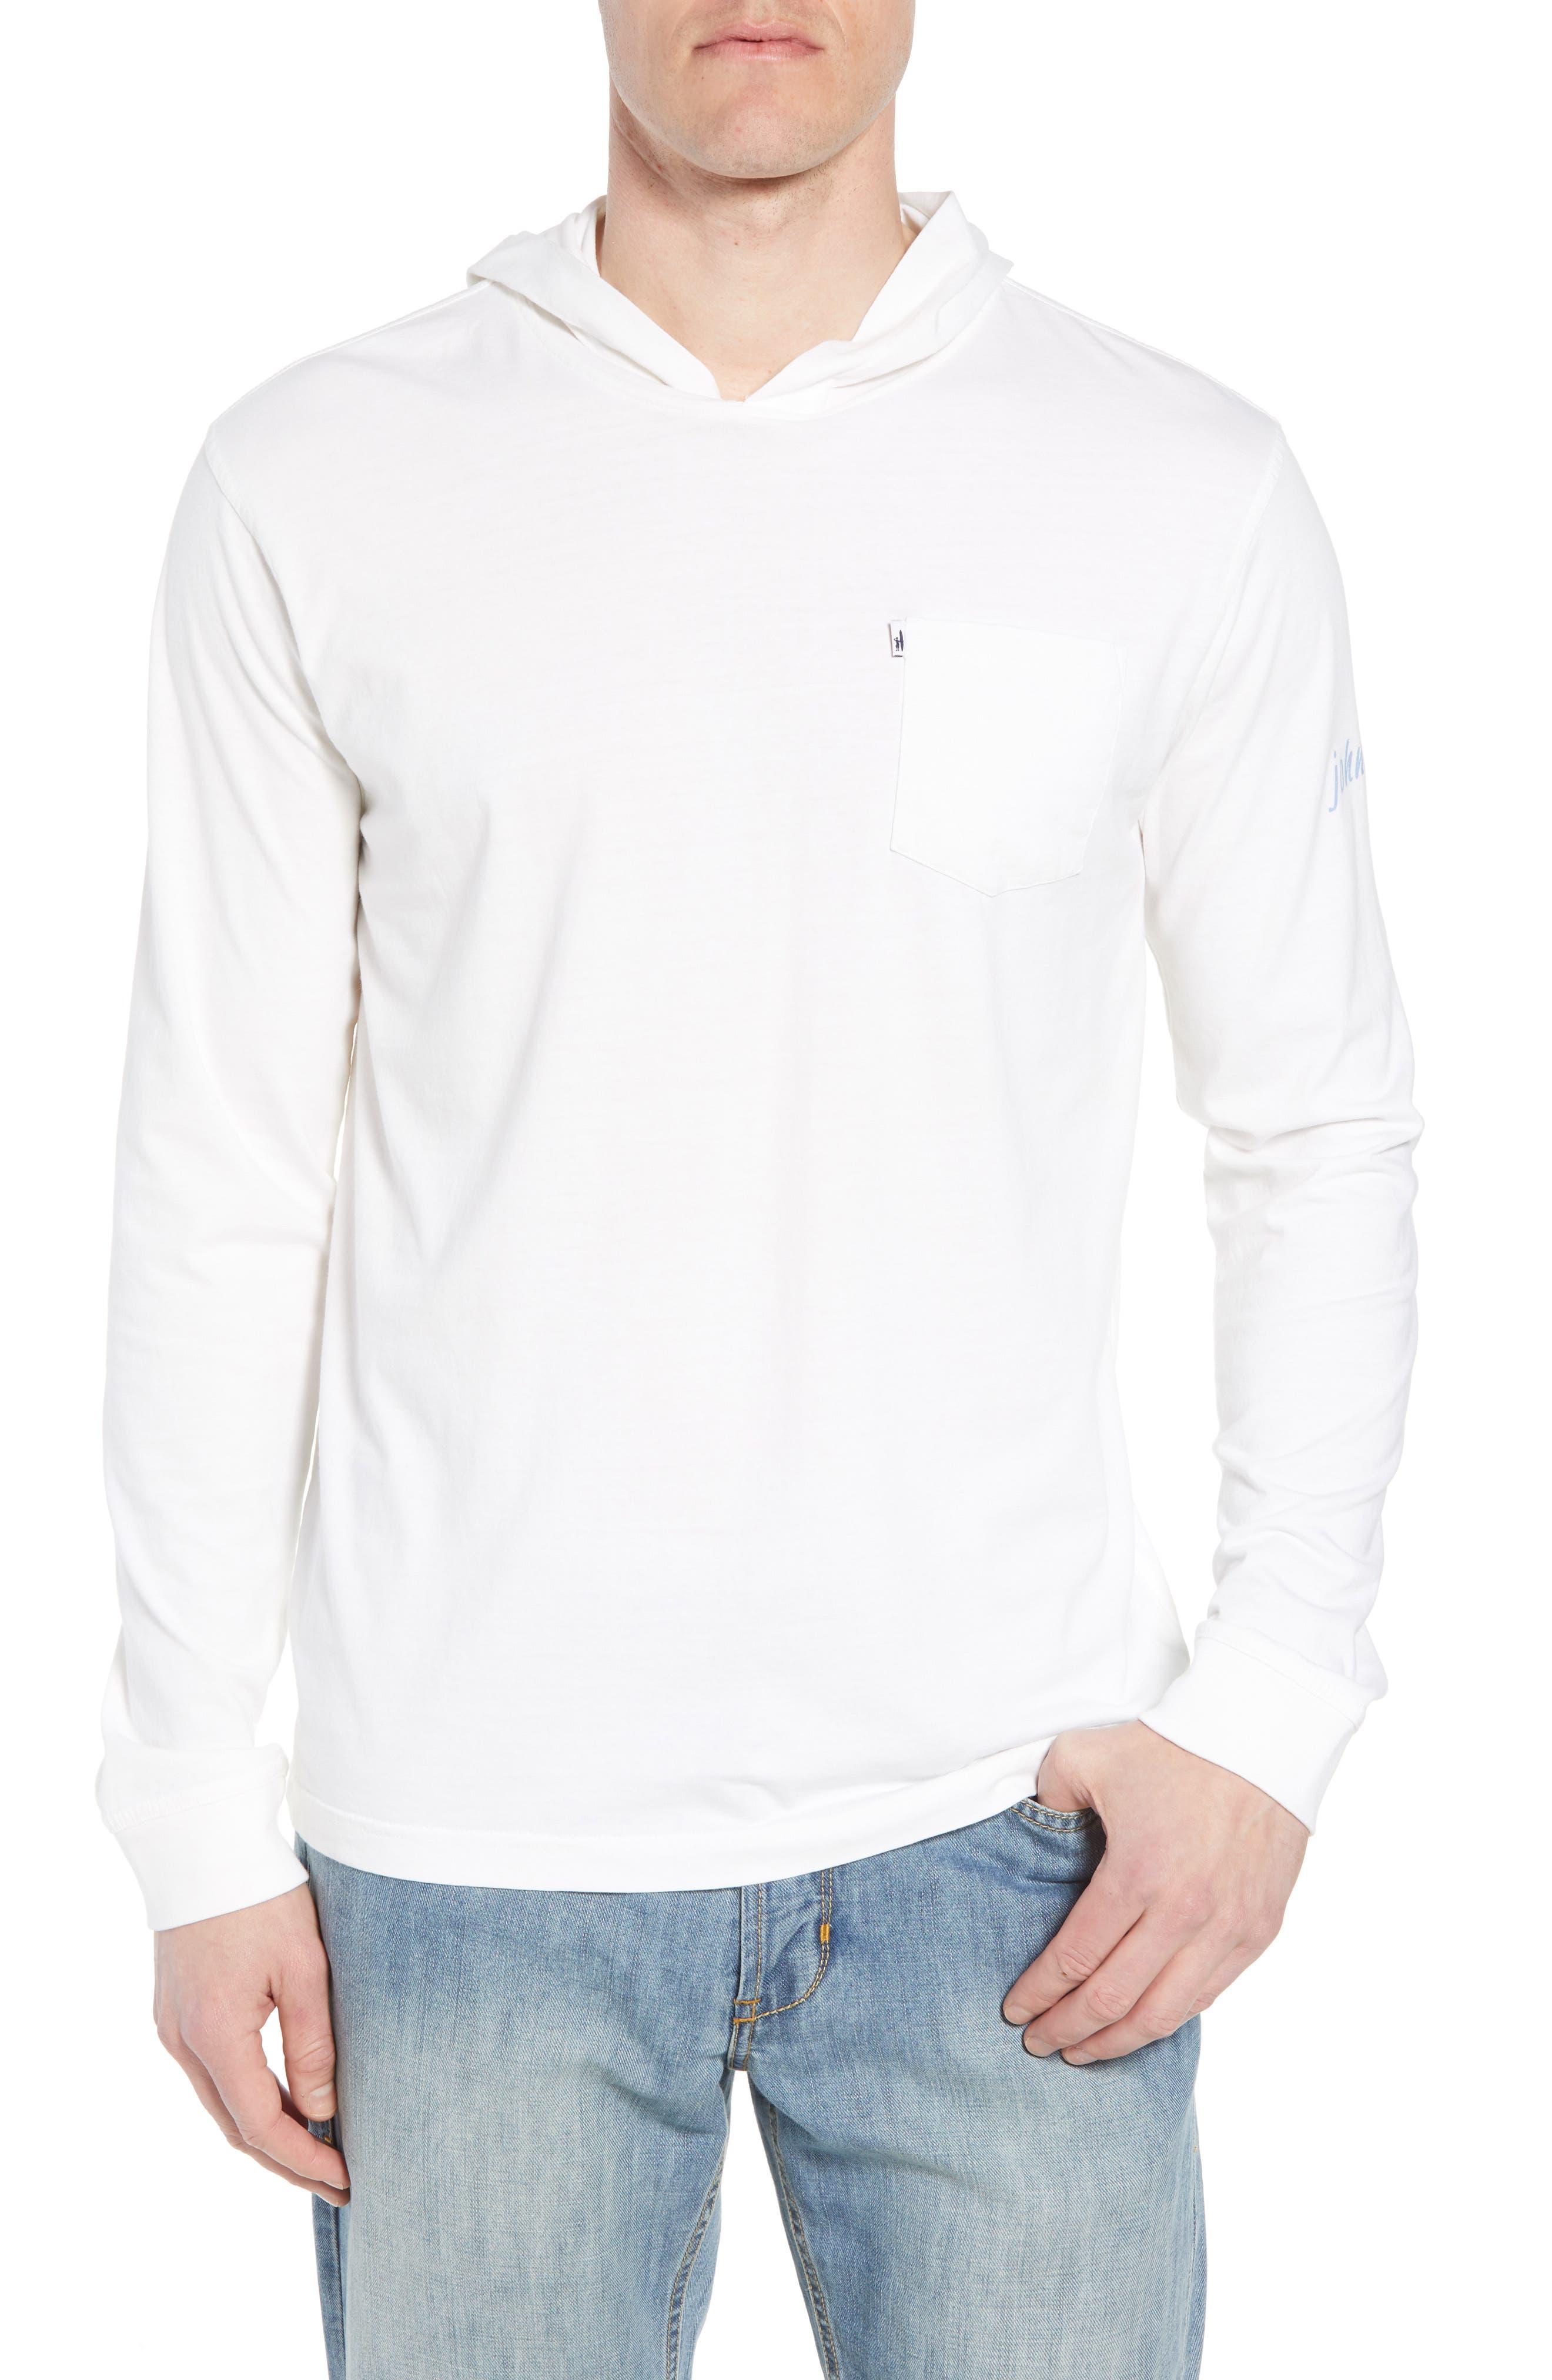 Eller Hooded T-Shirt,                         Main,                         color, White